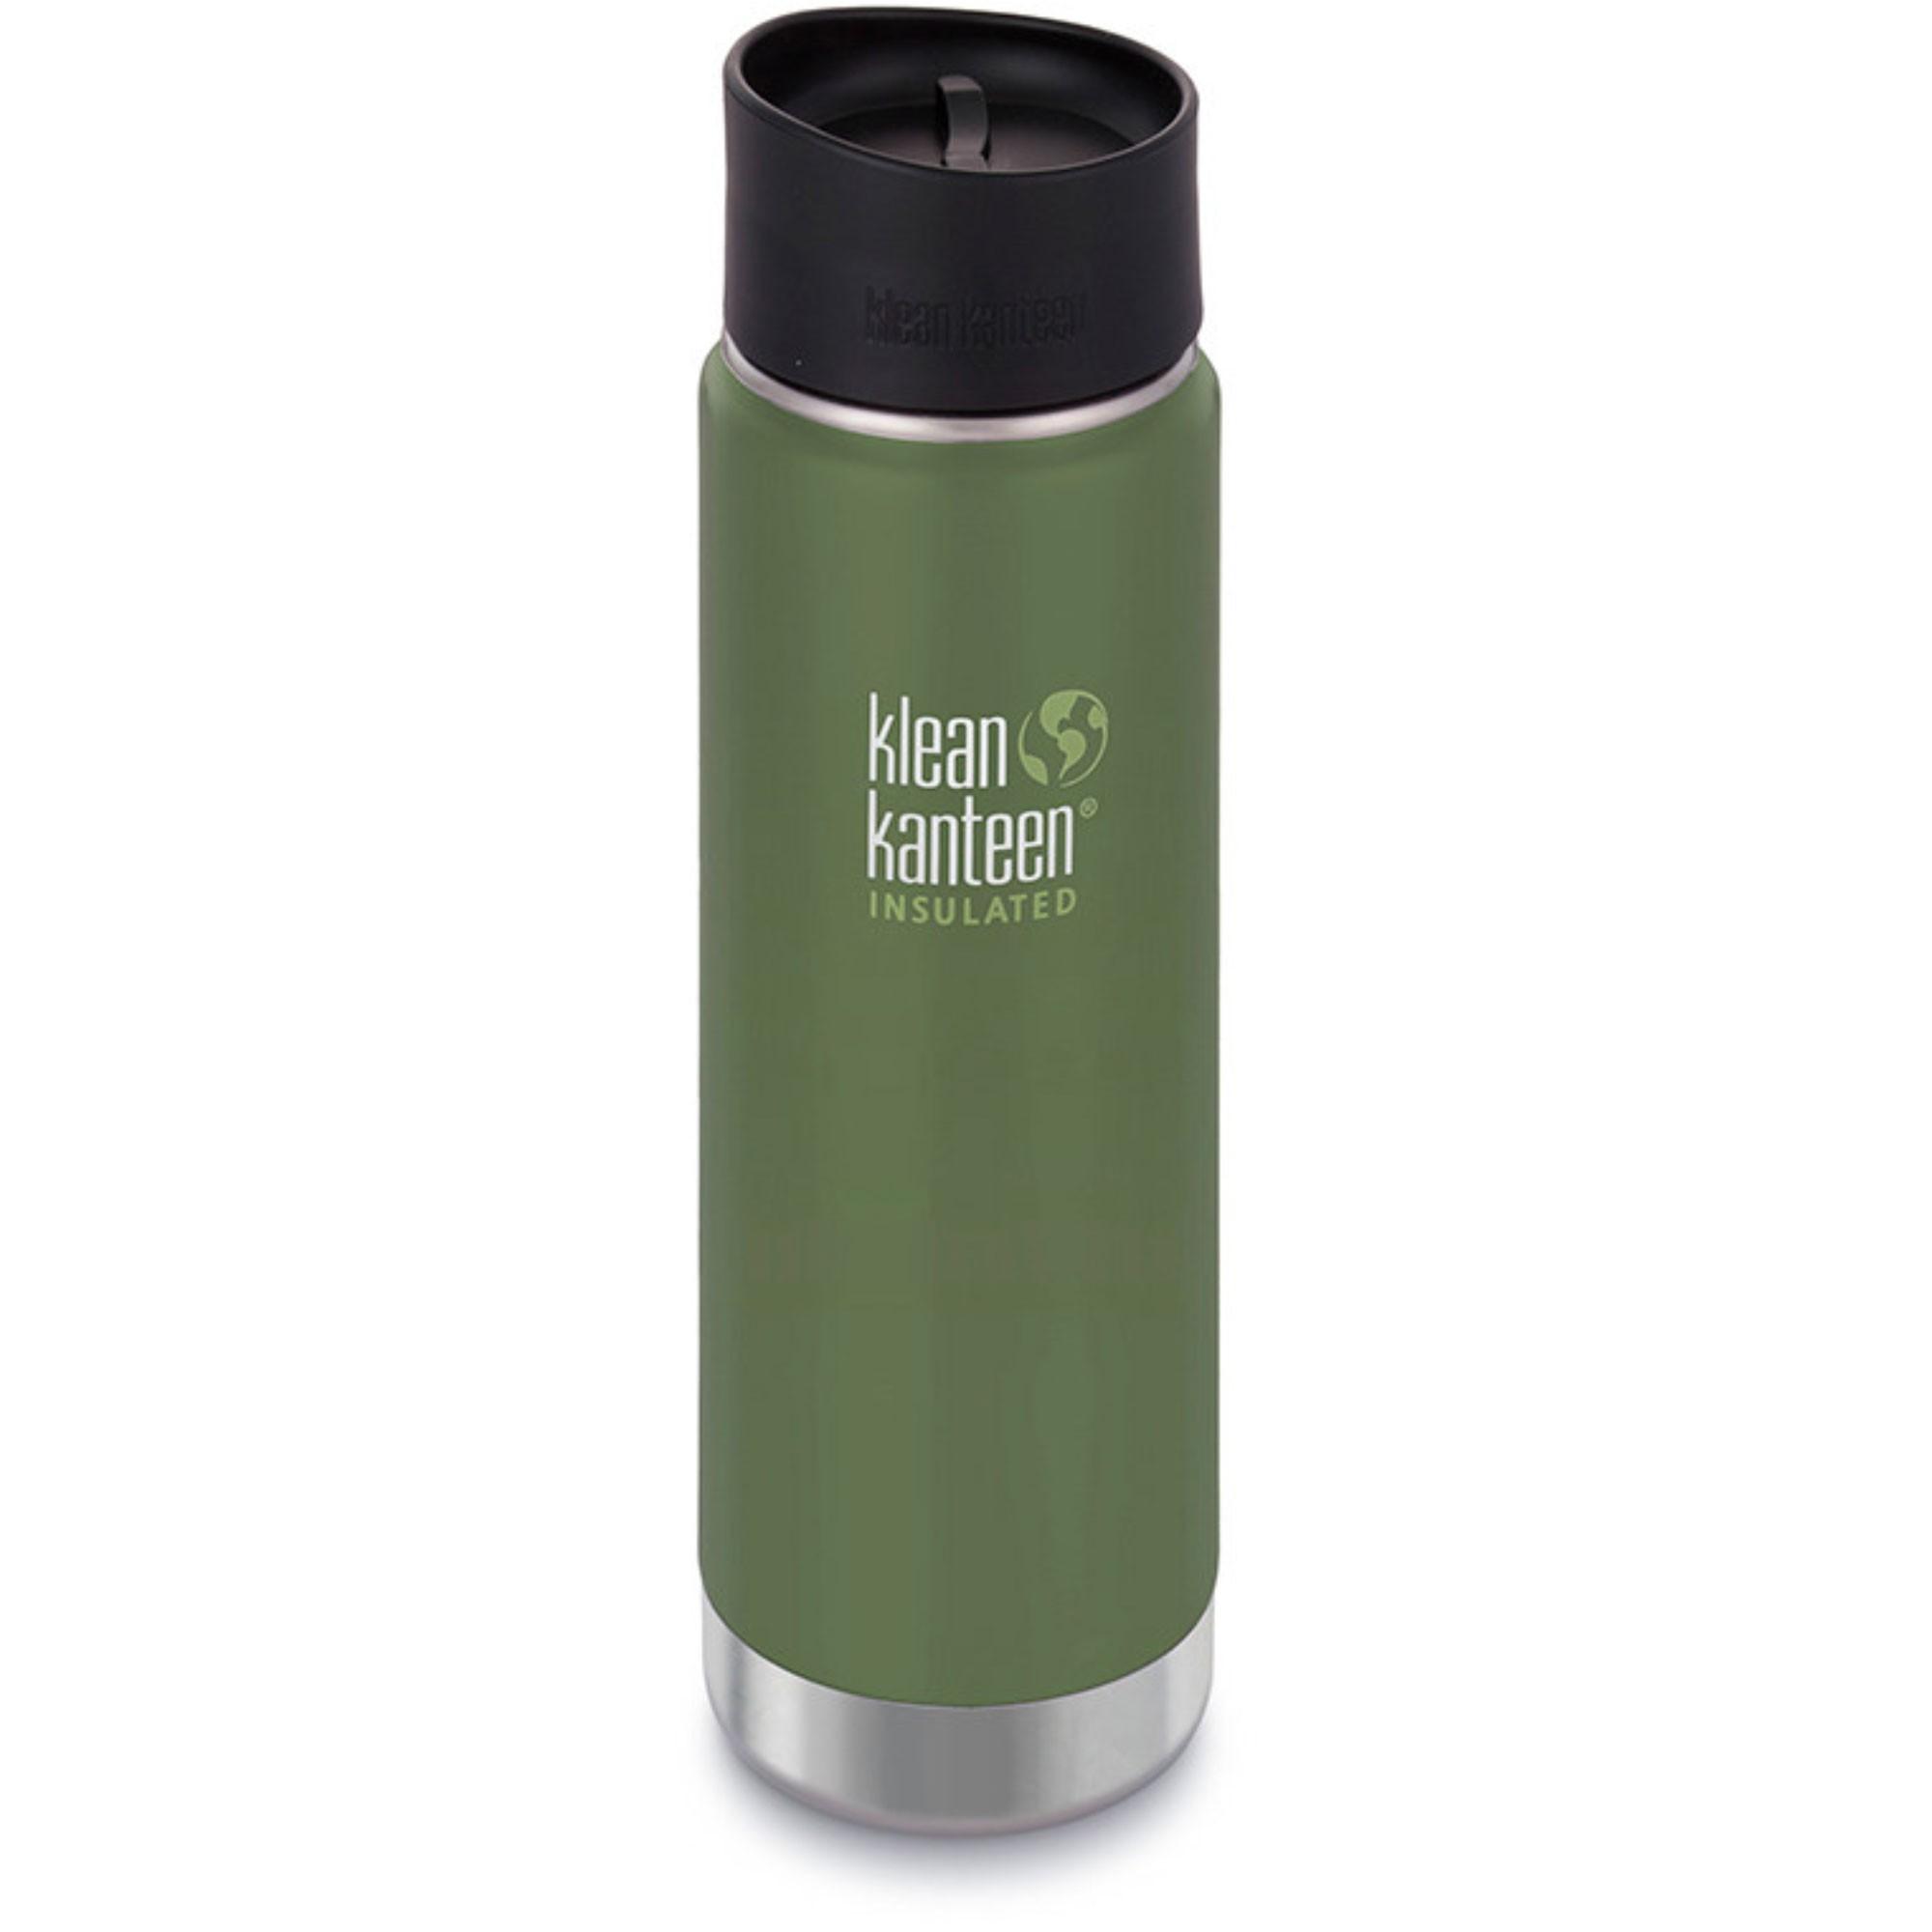 KLEAN KANTEEN - Insulated Cafe Cap Flask - 592ml - Vineyard Green